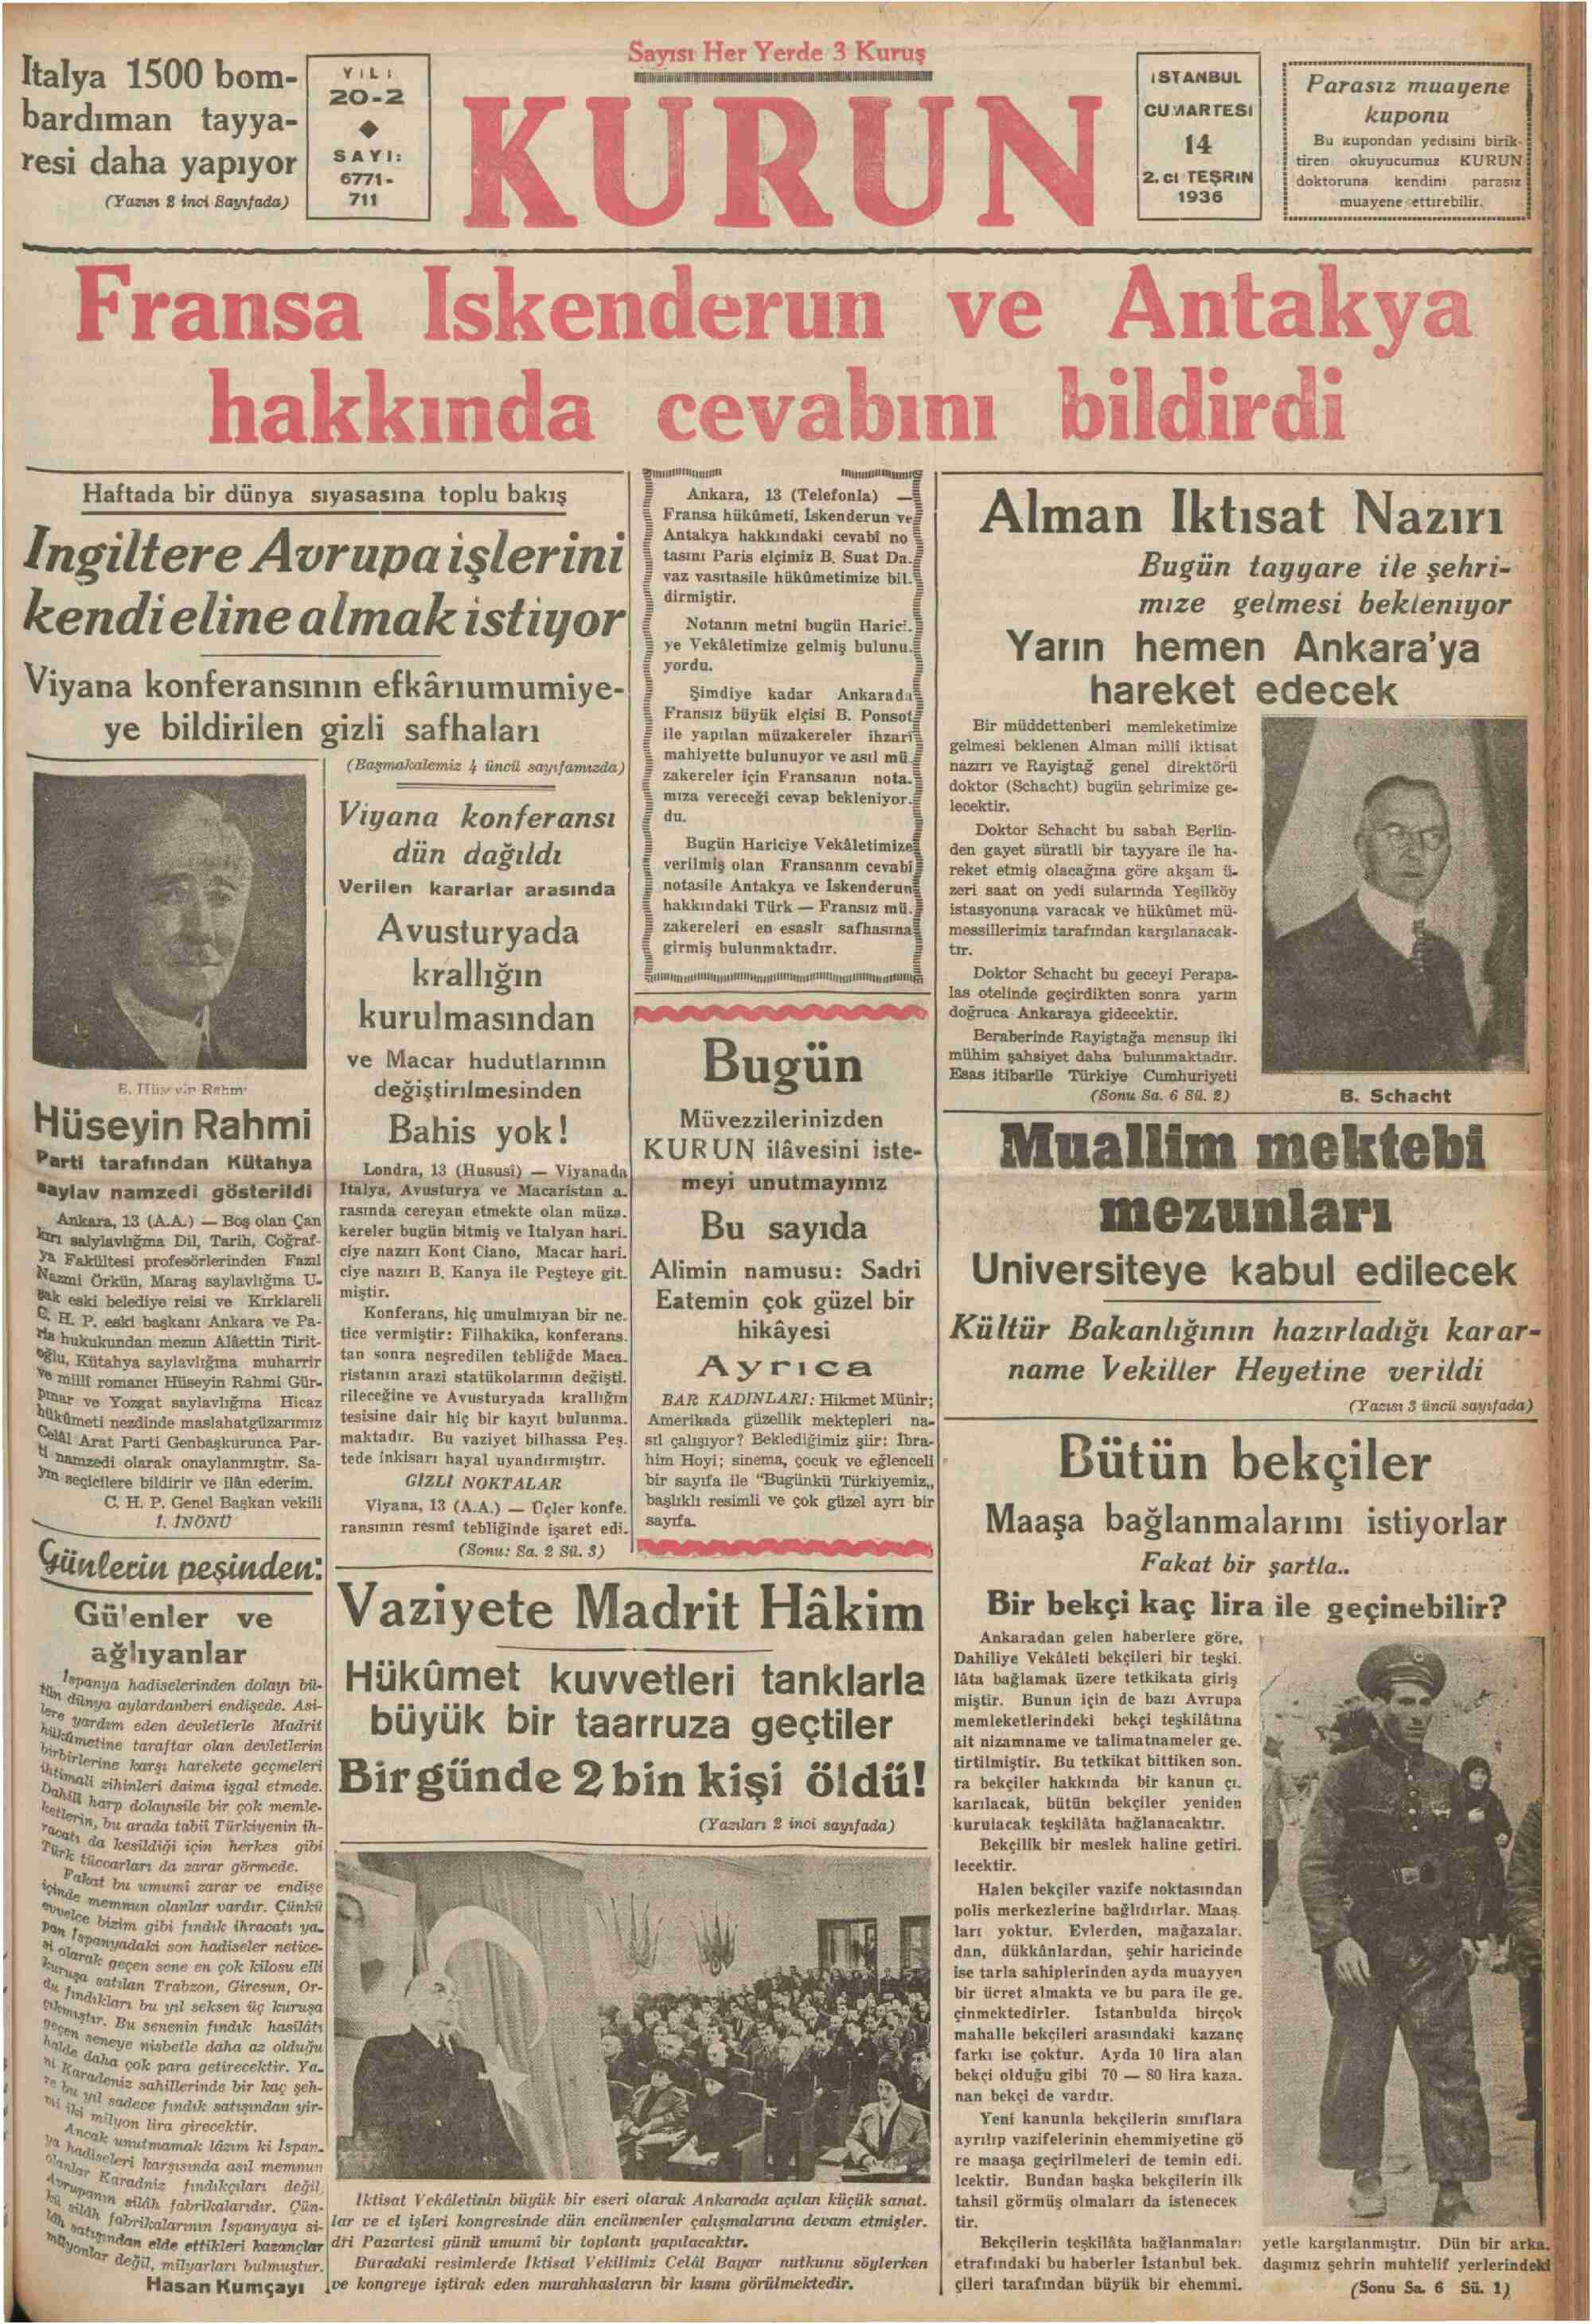 14 Kasım 1936 Tarihli Kurun Dergisi Sayfa 1